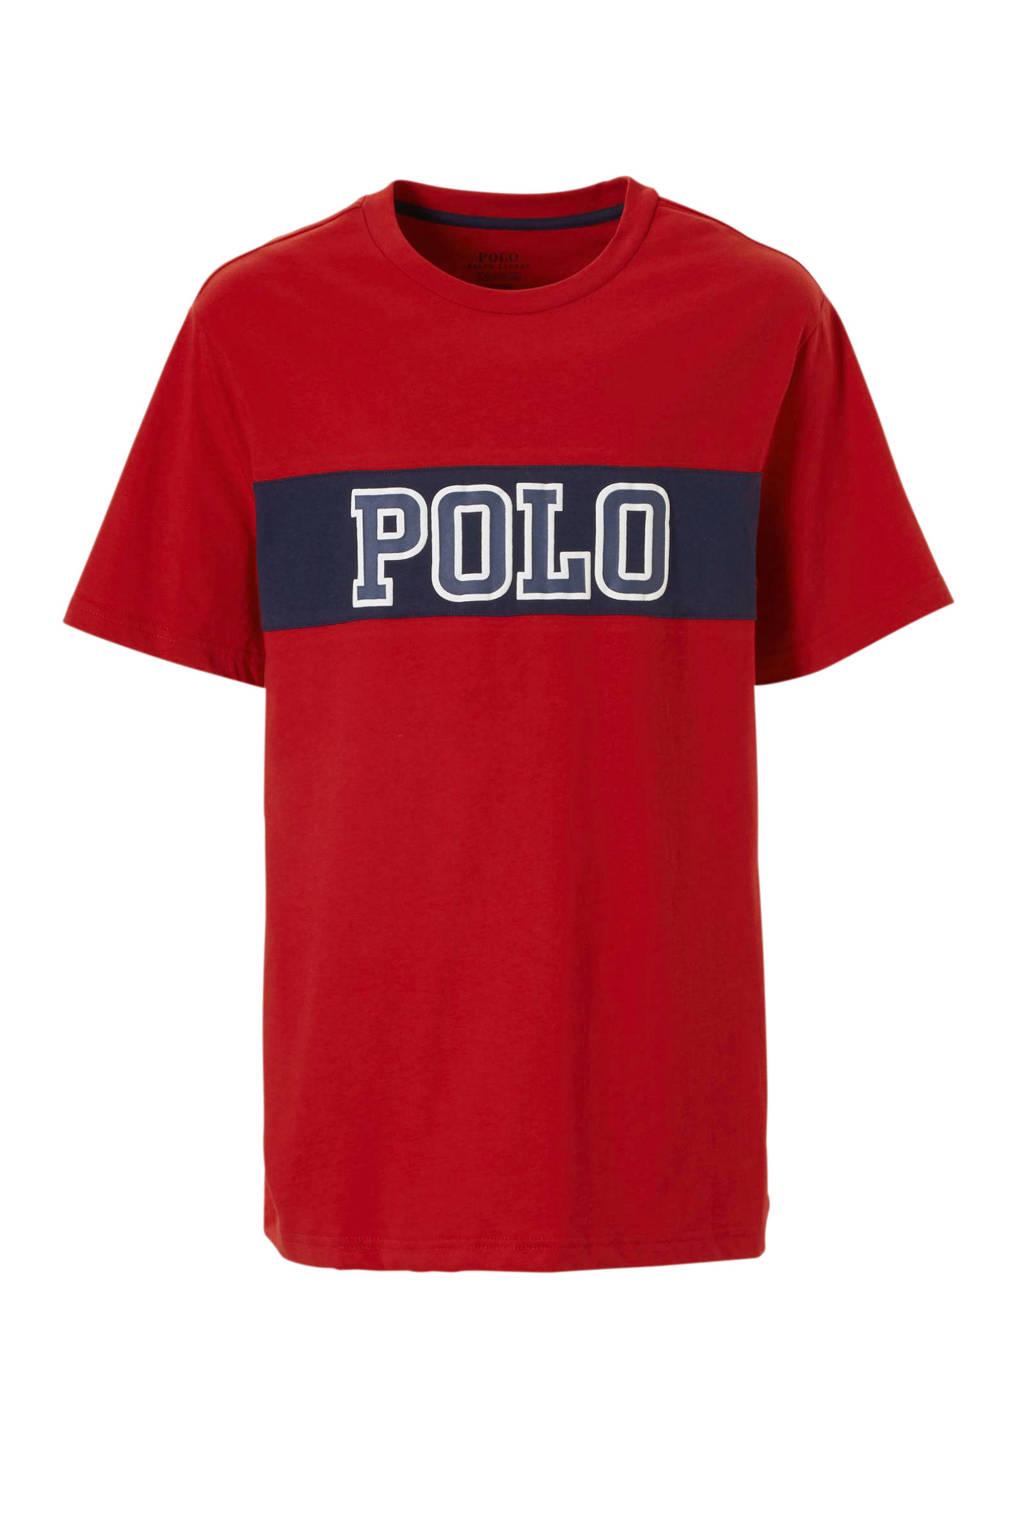 POLO Ralph Lauren T-shirt met tekst rood, Rood/blauw